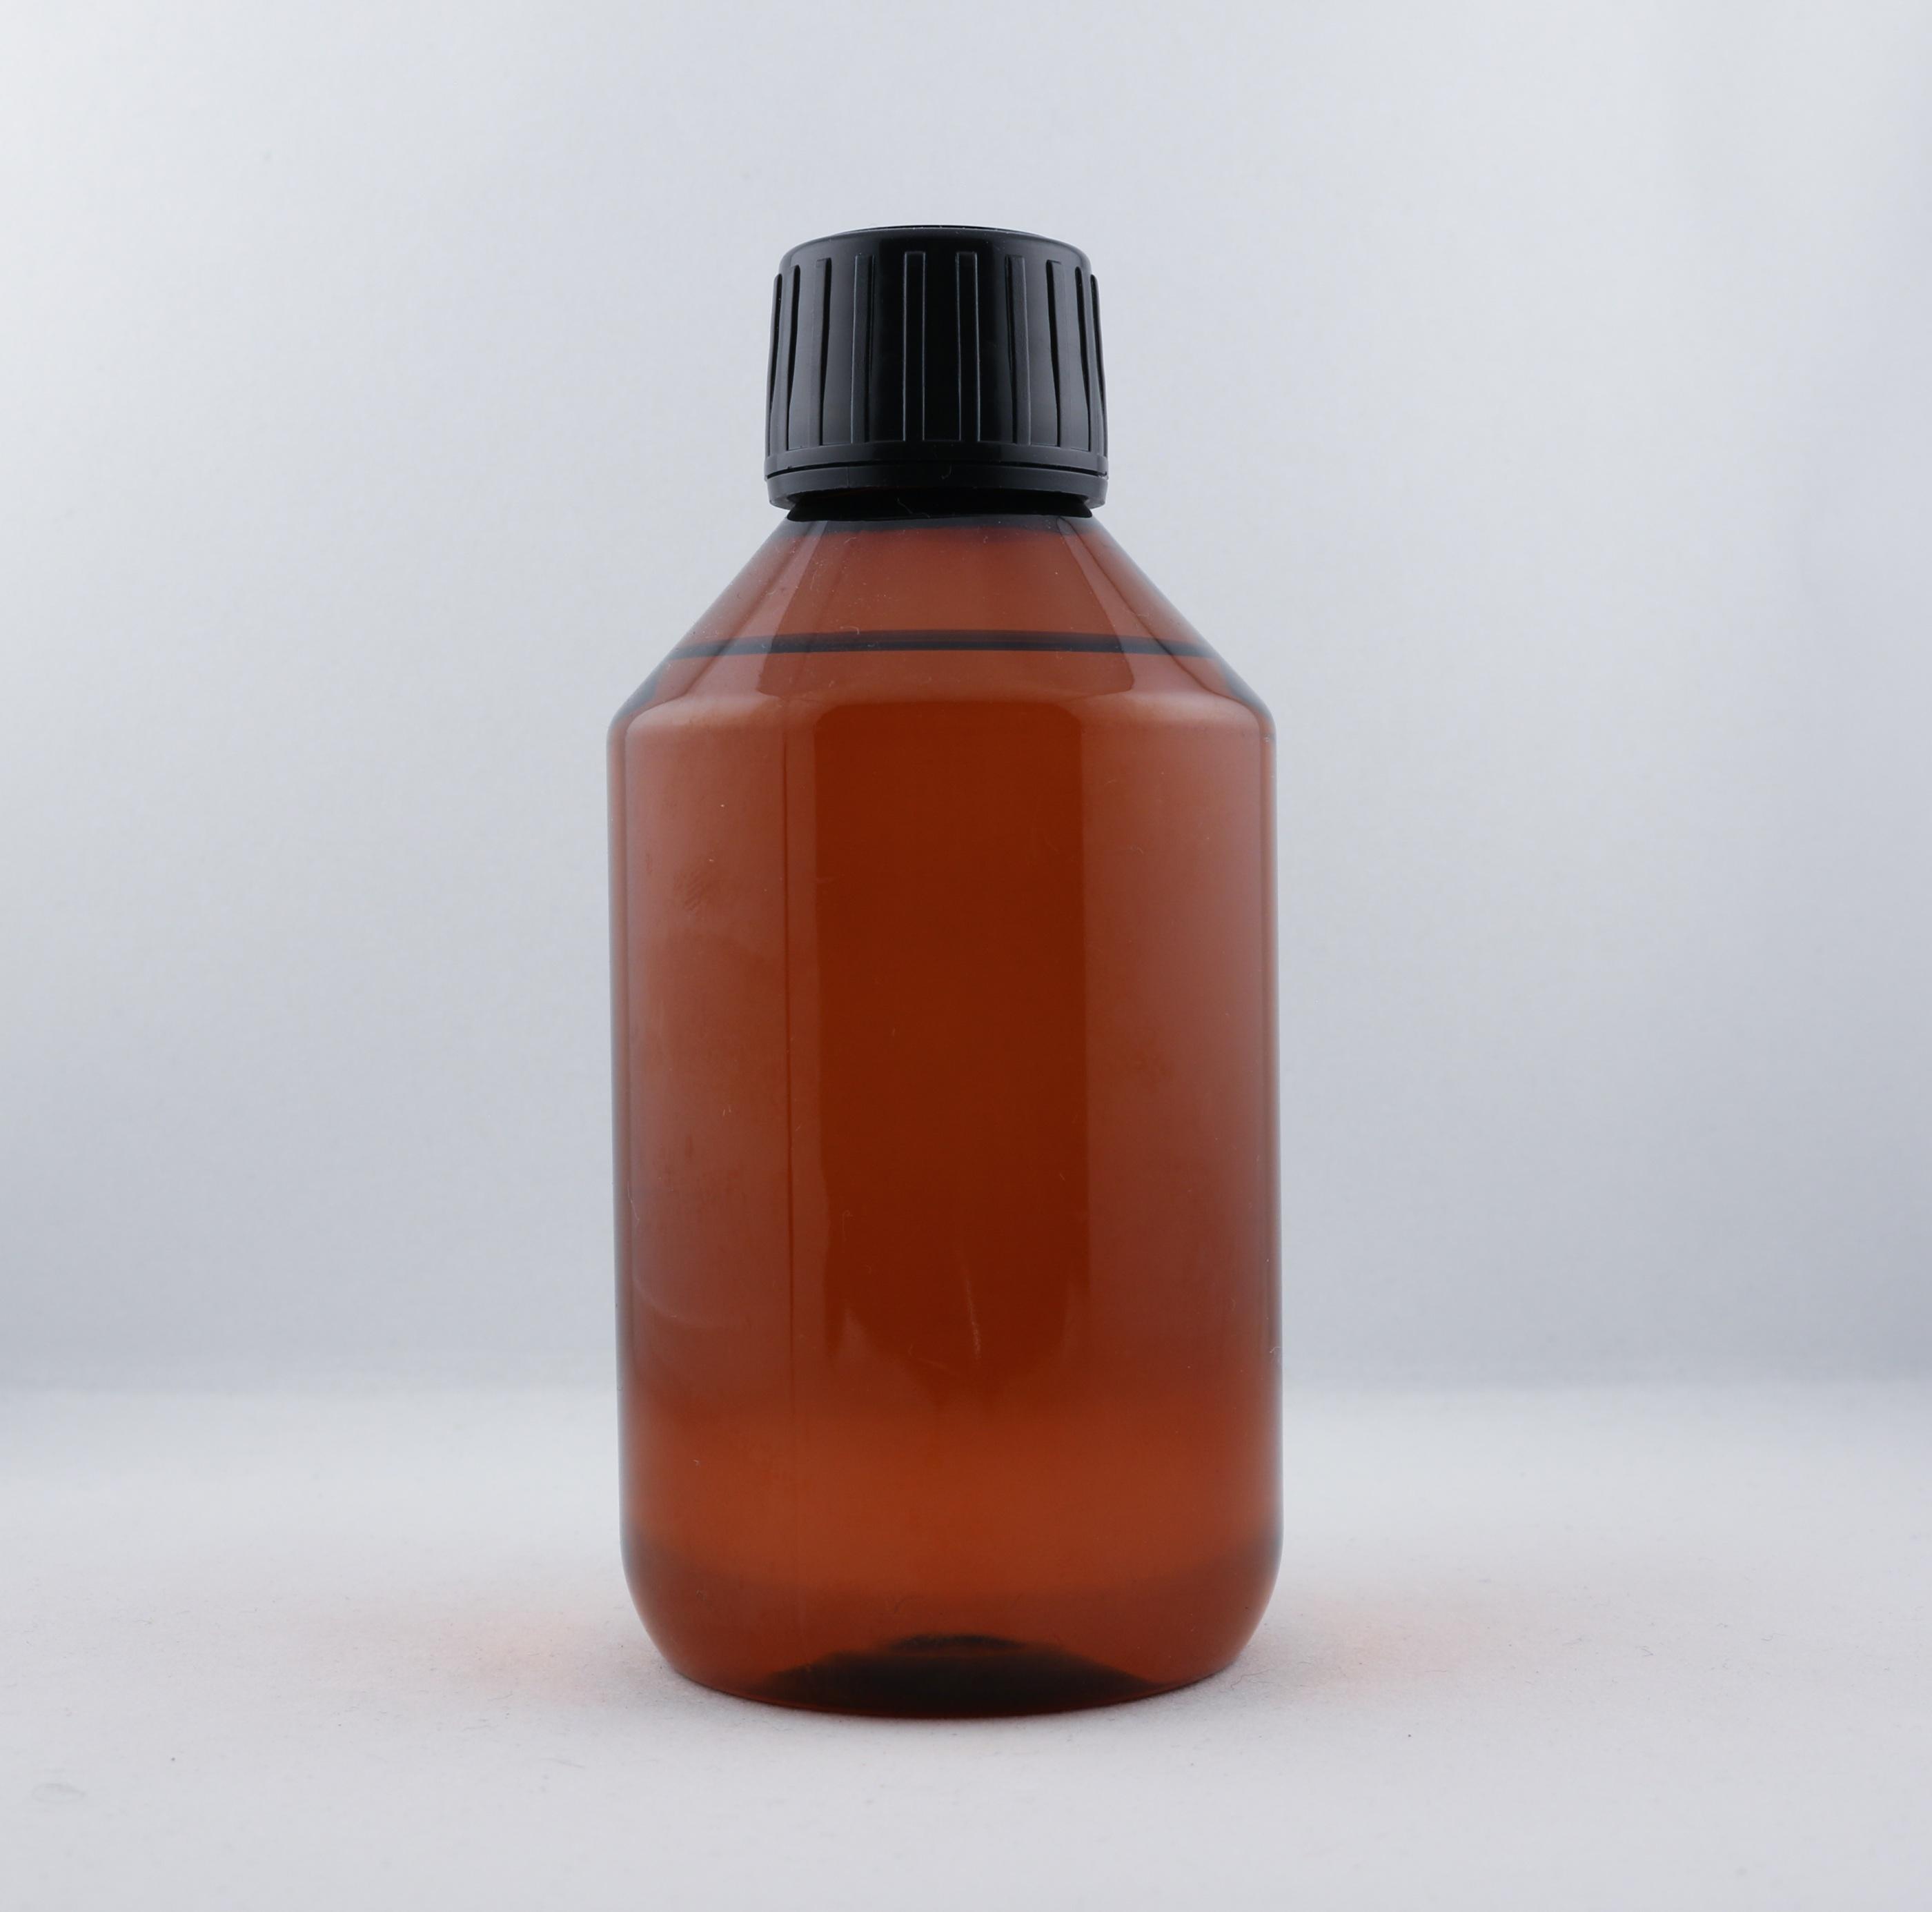 Mogen Sesamolja wellness ayurveda halmstad sweden svensk massage olja matolja